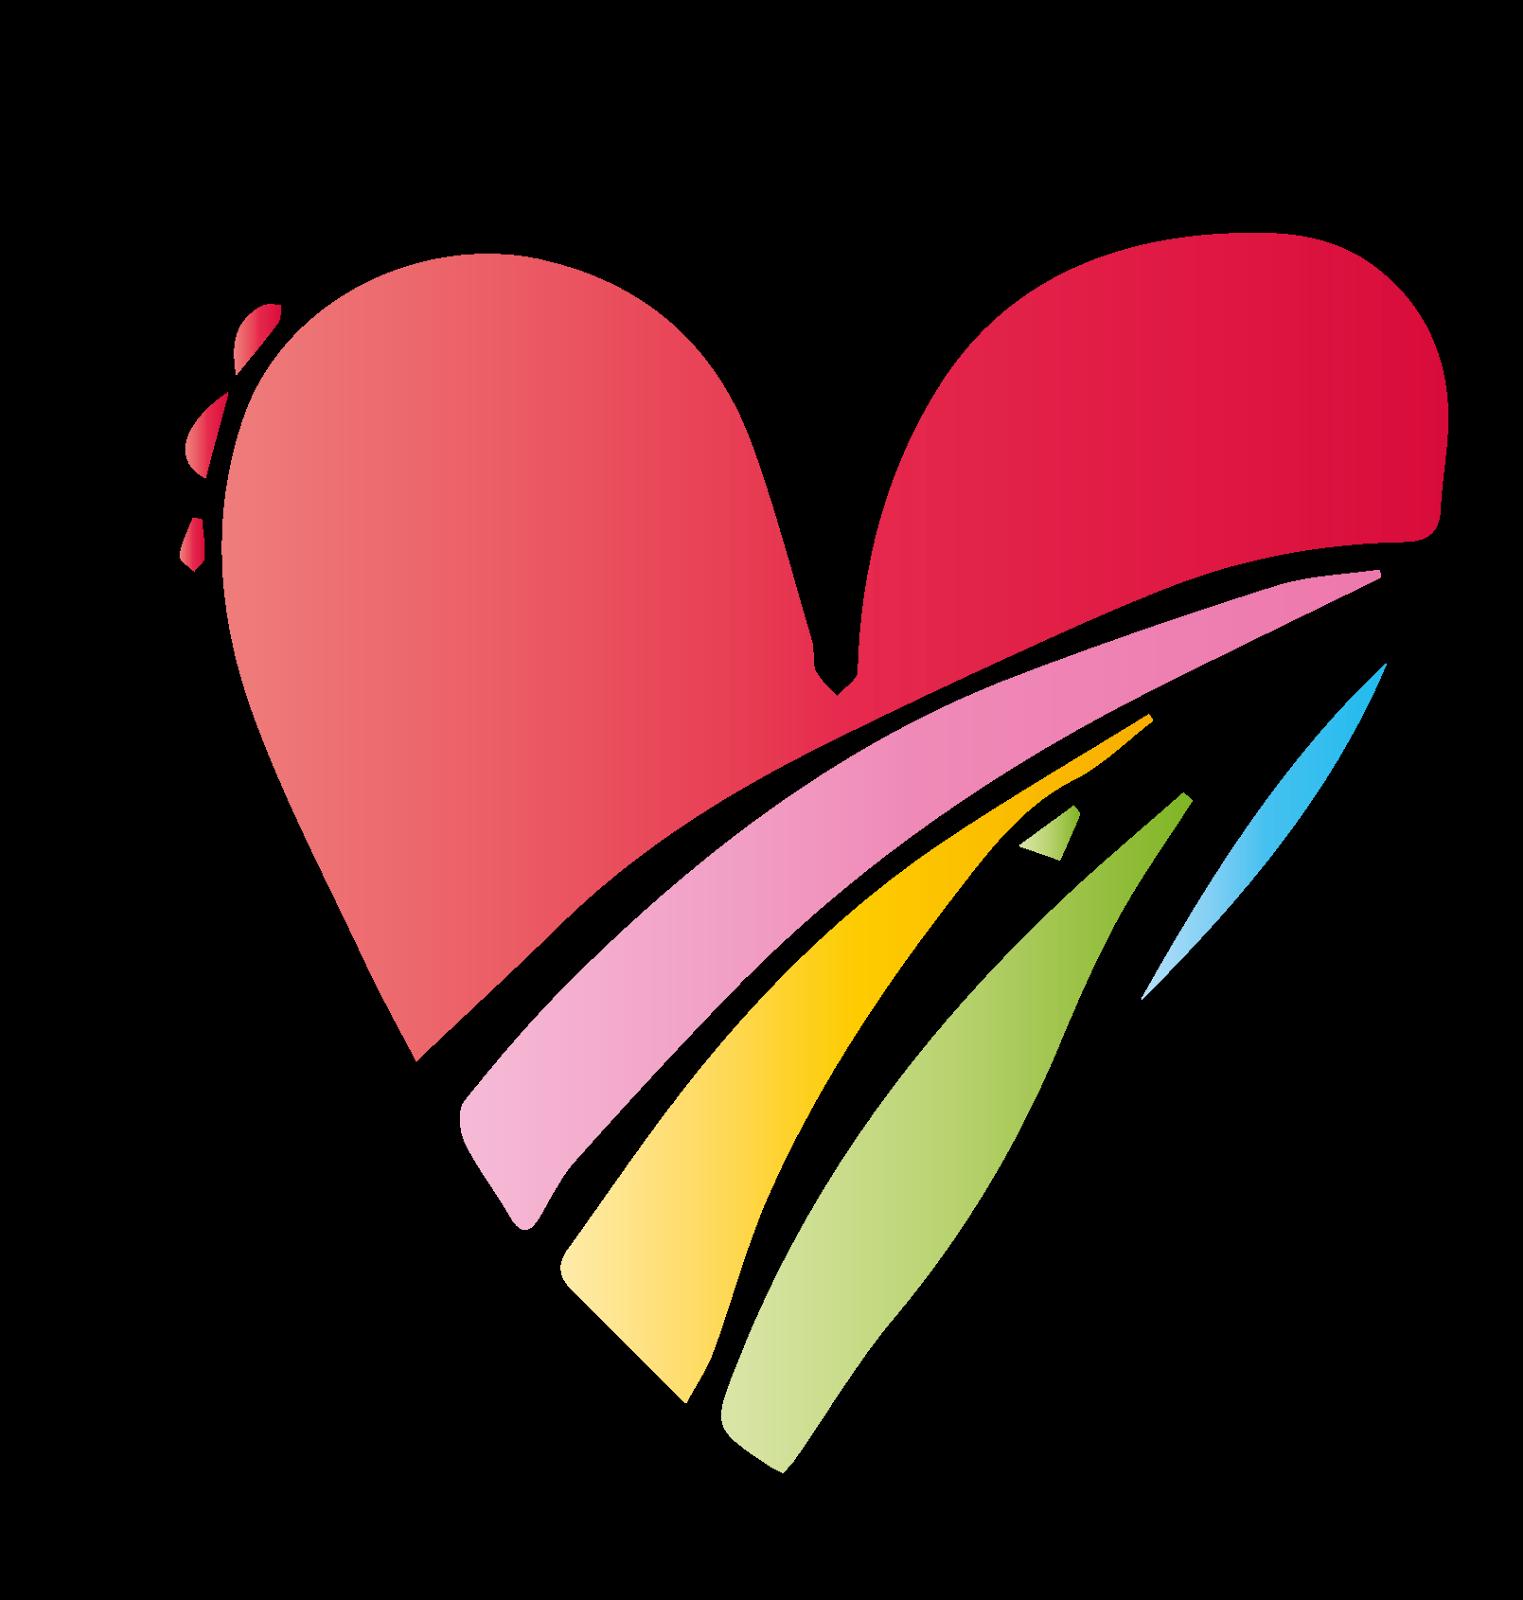 Qué puedo hacer hoy?: Corazones para colorear y recortar